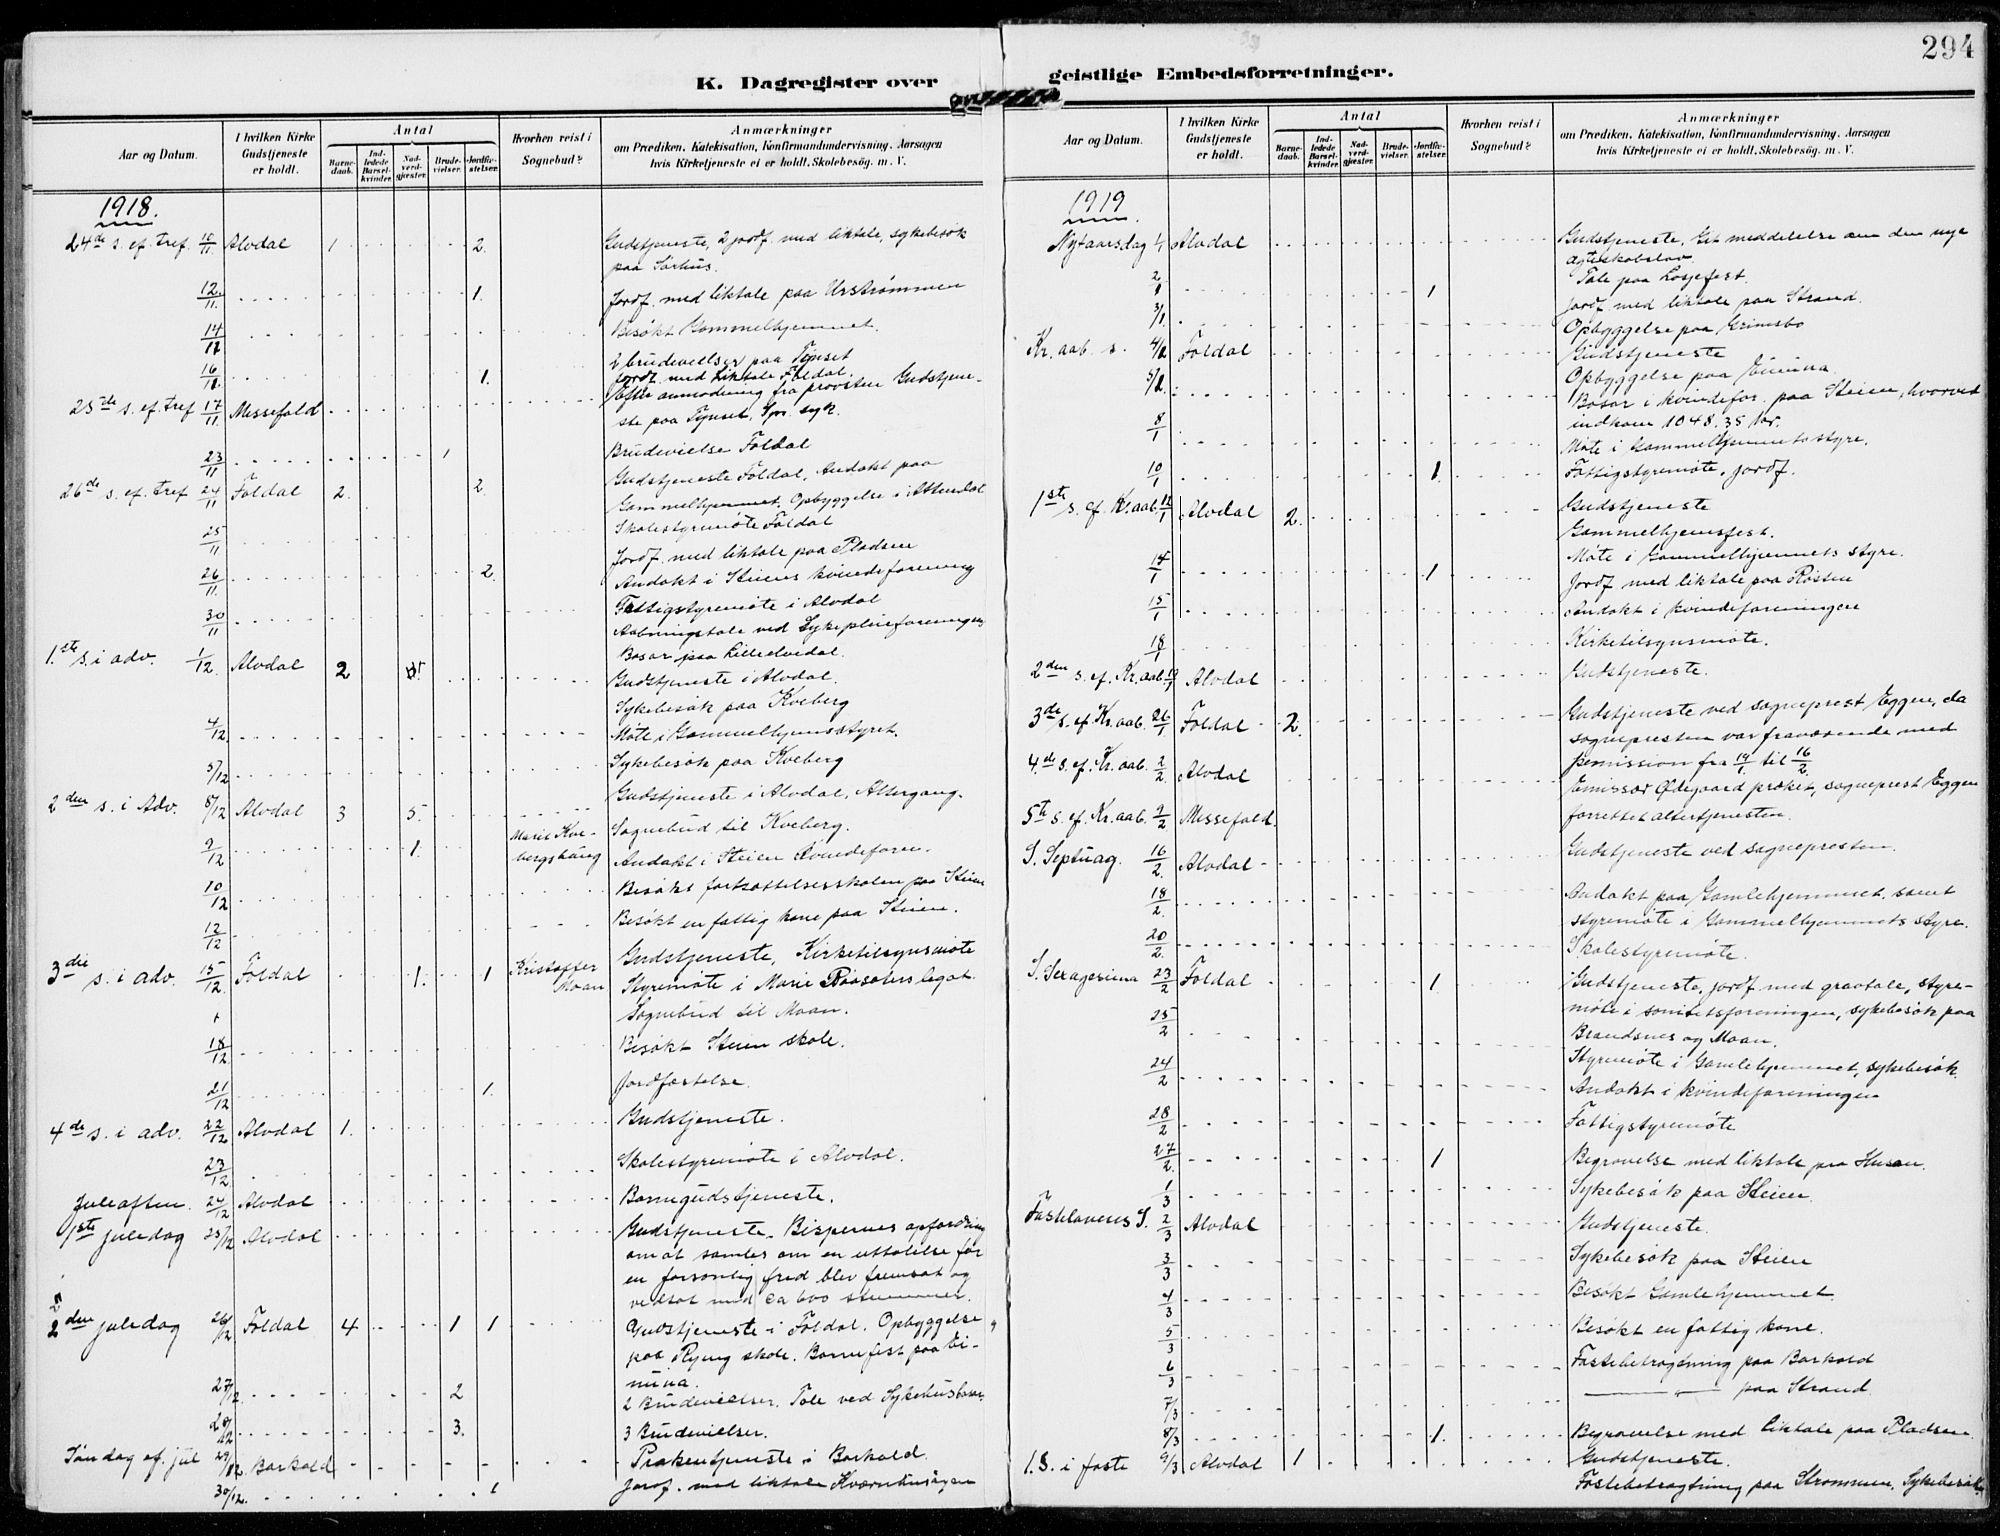 SAH, Alvdal prestekontor, Ministerialbok nr. 4, 1907-1919, s. 294